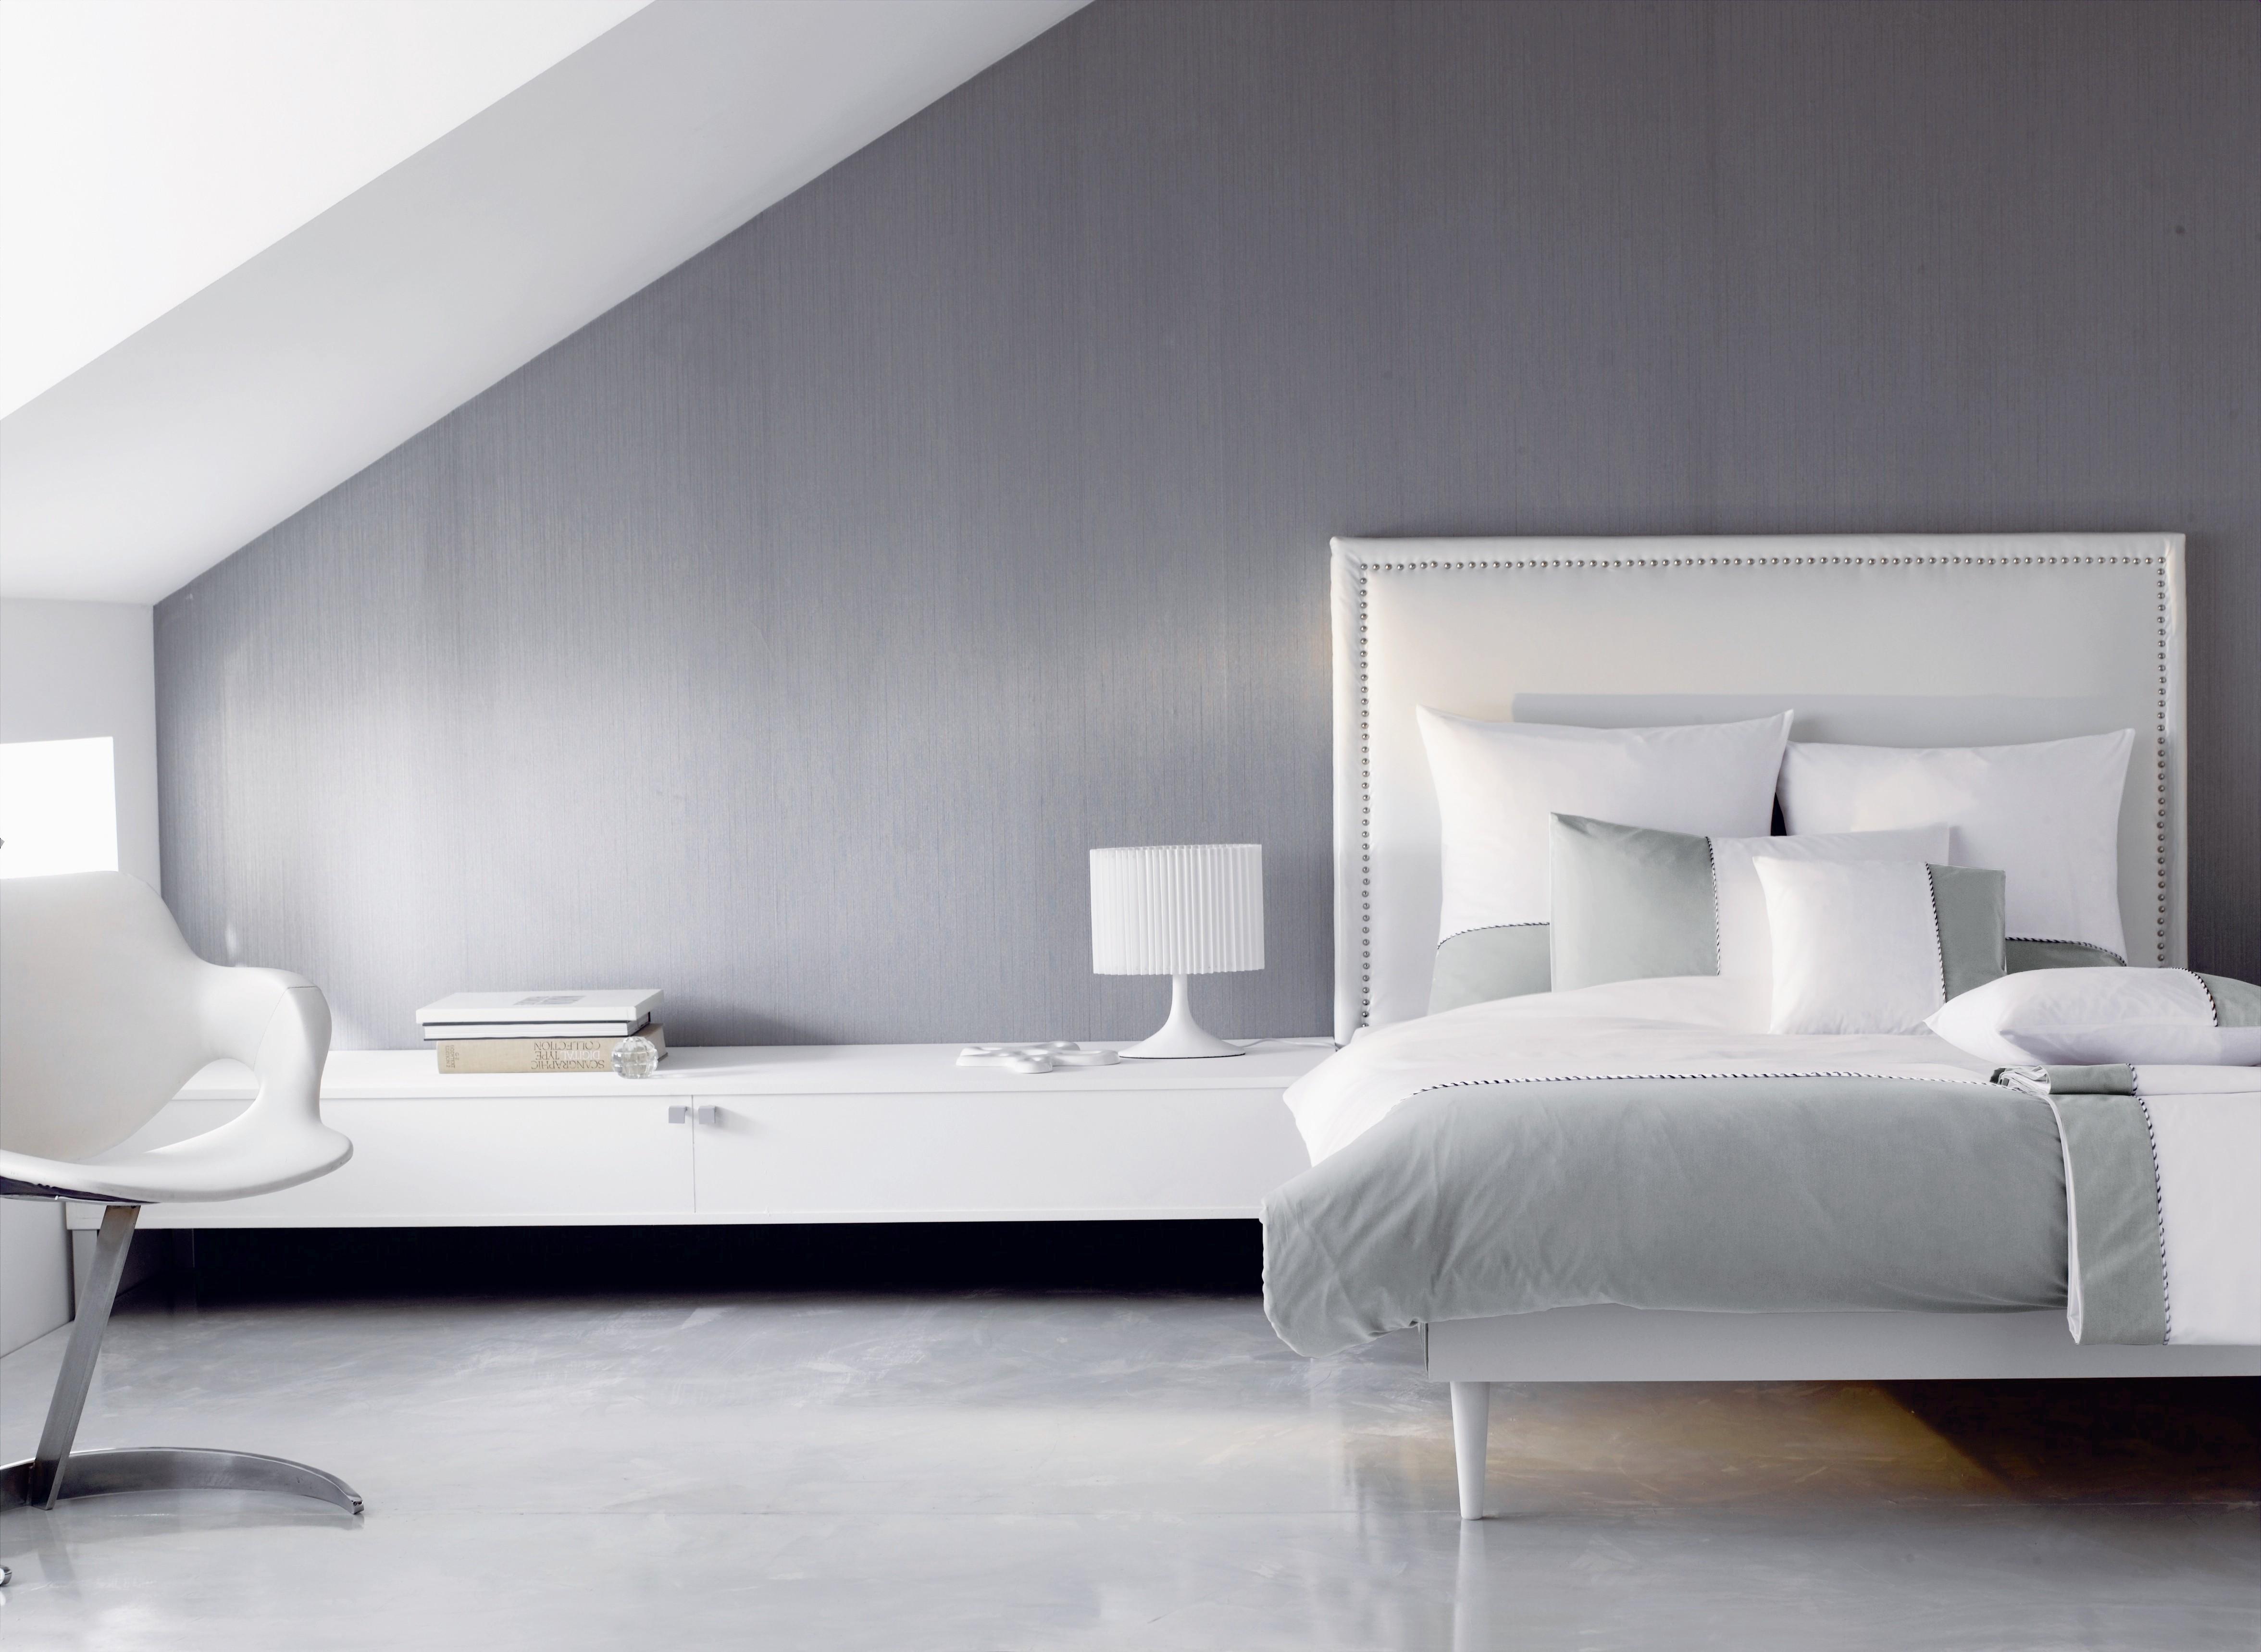 vente taie de traversin 90 x 190 islande perle blanc des vosges pas cher avenue literie. Black Bedroom Furniture Sets. Home Design Ideas